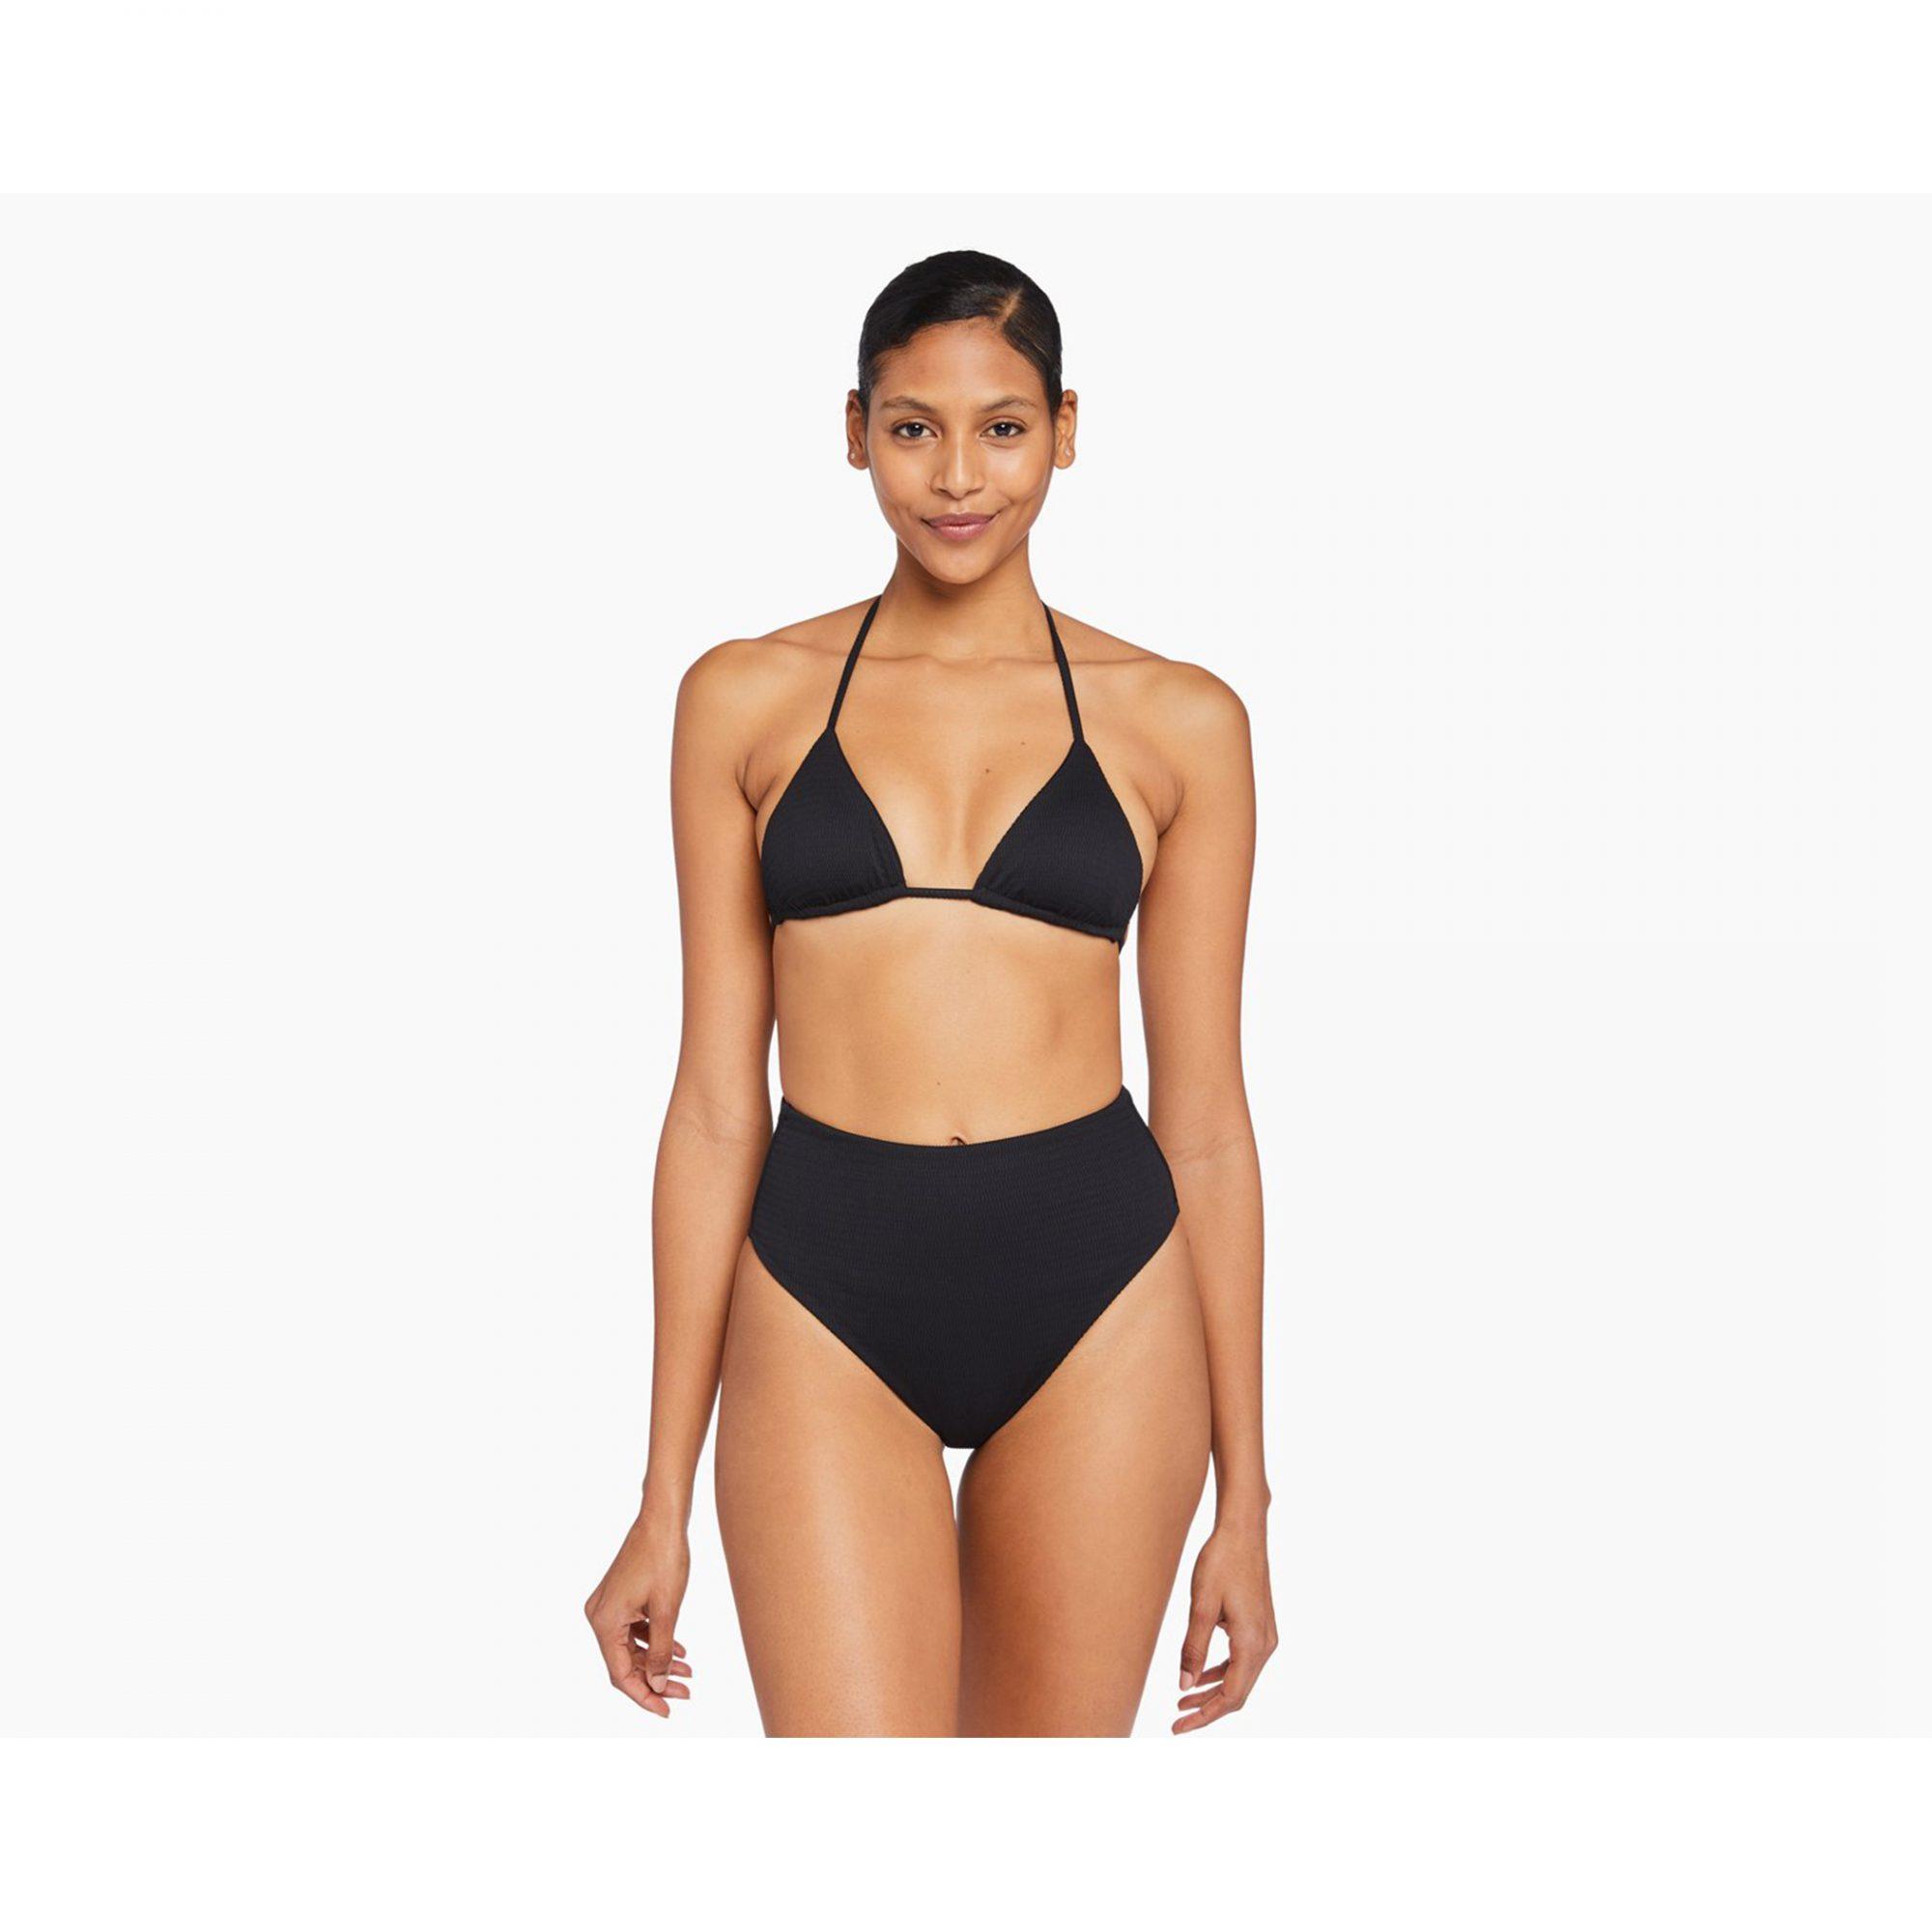 vitamin-a-barcelona-bikini-bottom, best-high-waisted-bikini